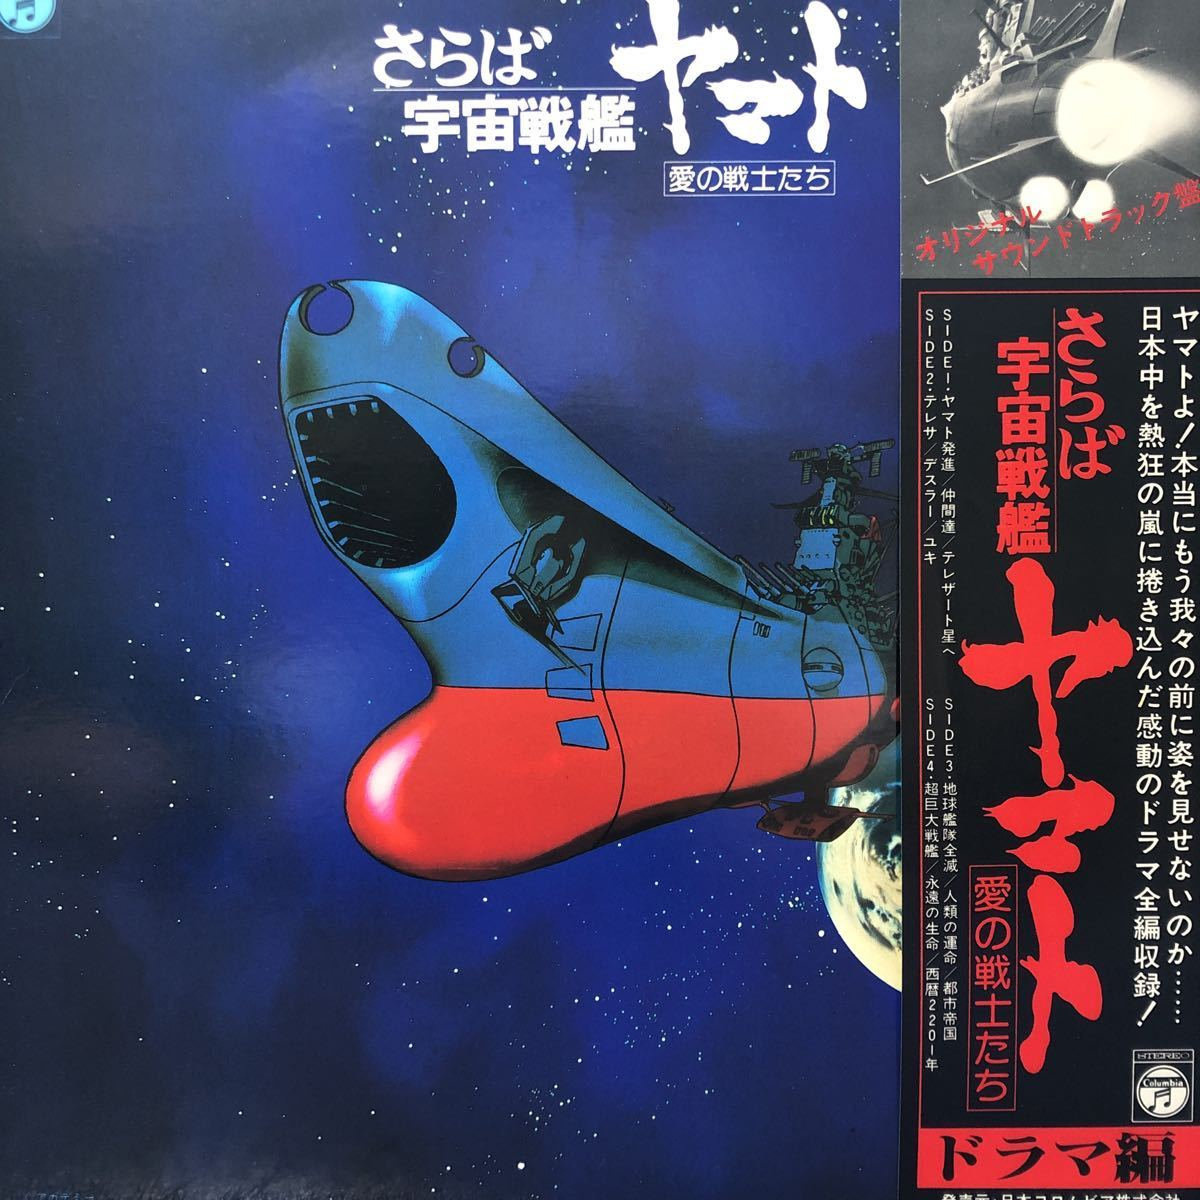 OST さらば宇宙戦艦ヤマト 愛の戦士たち ドラマ編 帯付2LP 見開きジャケライナー レコード 5点以上落札で送料無料S_画像1